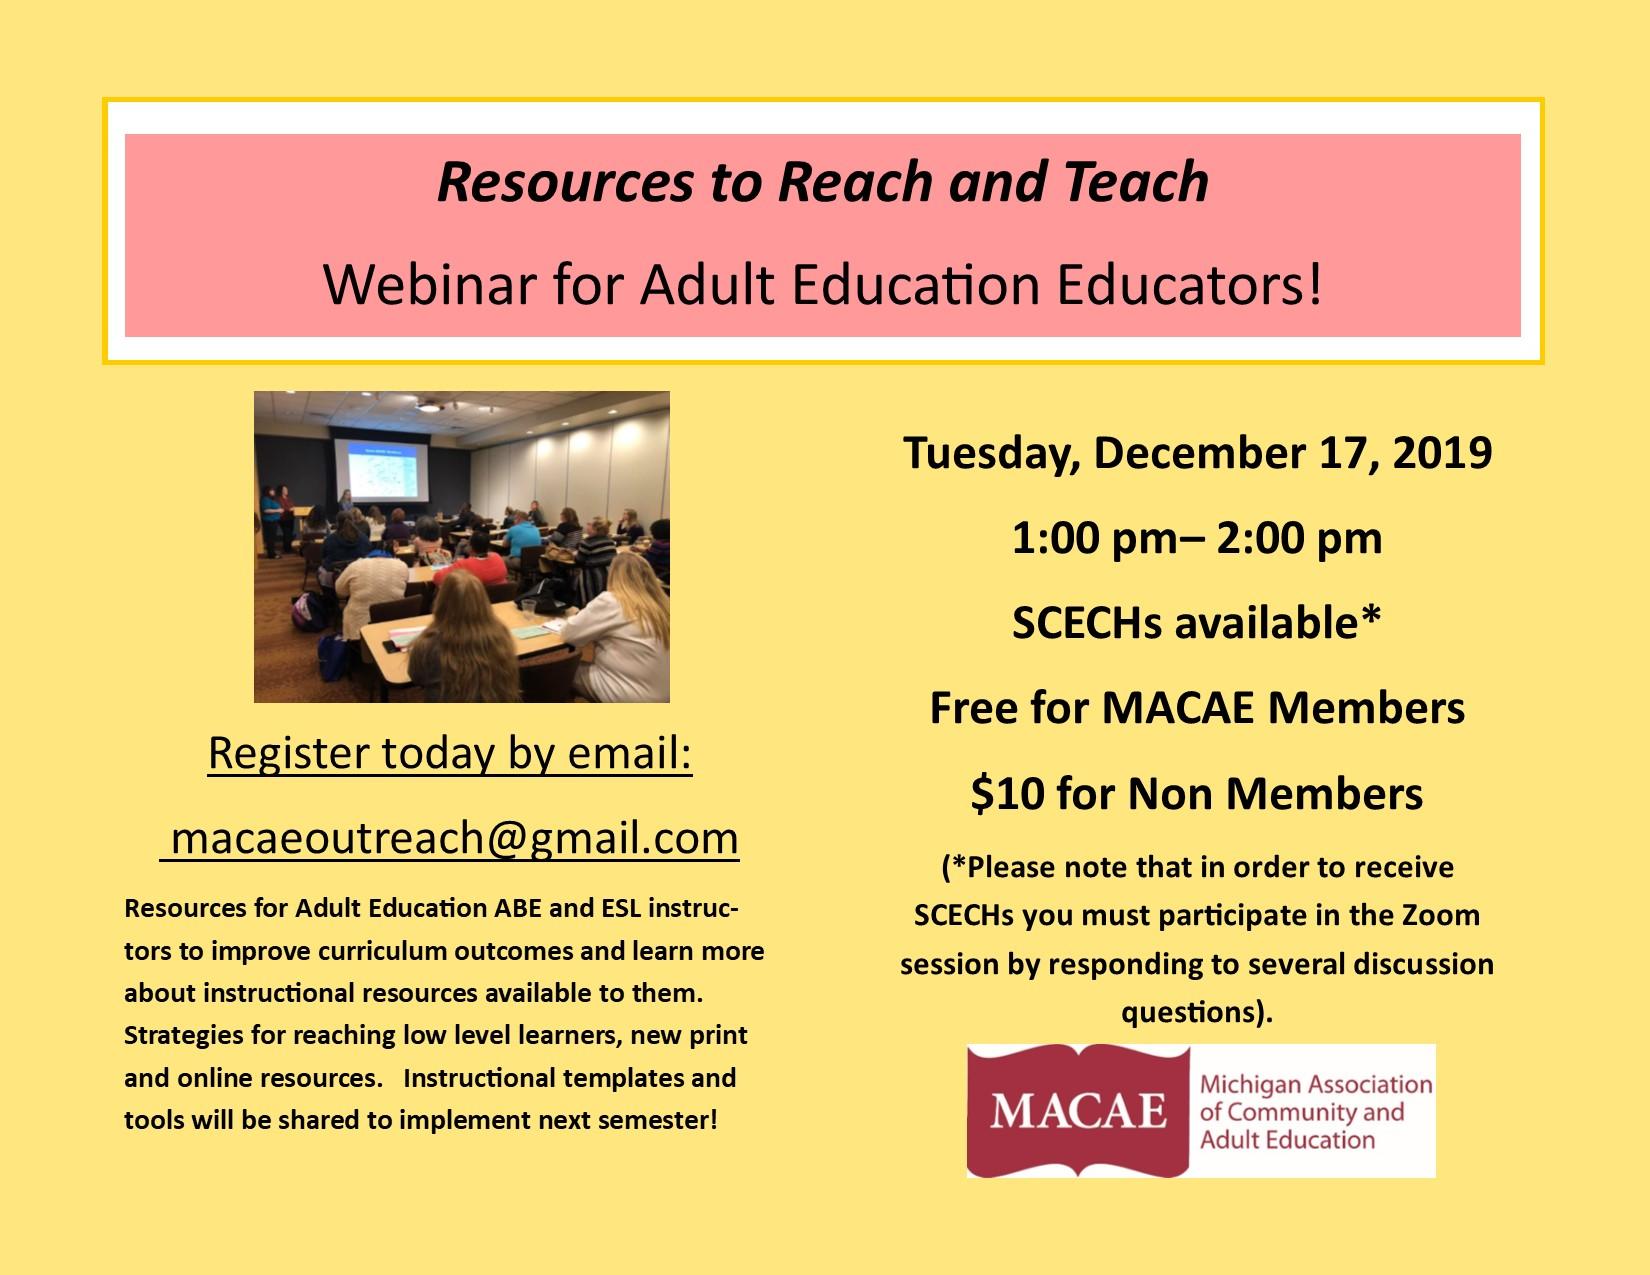 Resources to Reach and Teach Virtual Webinar